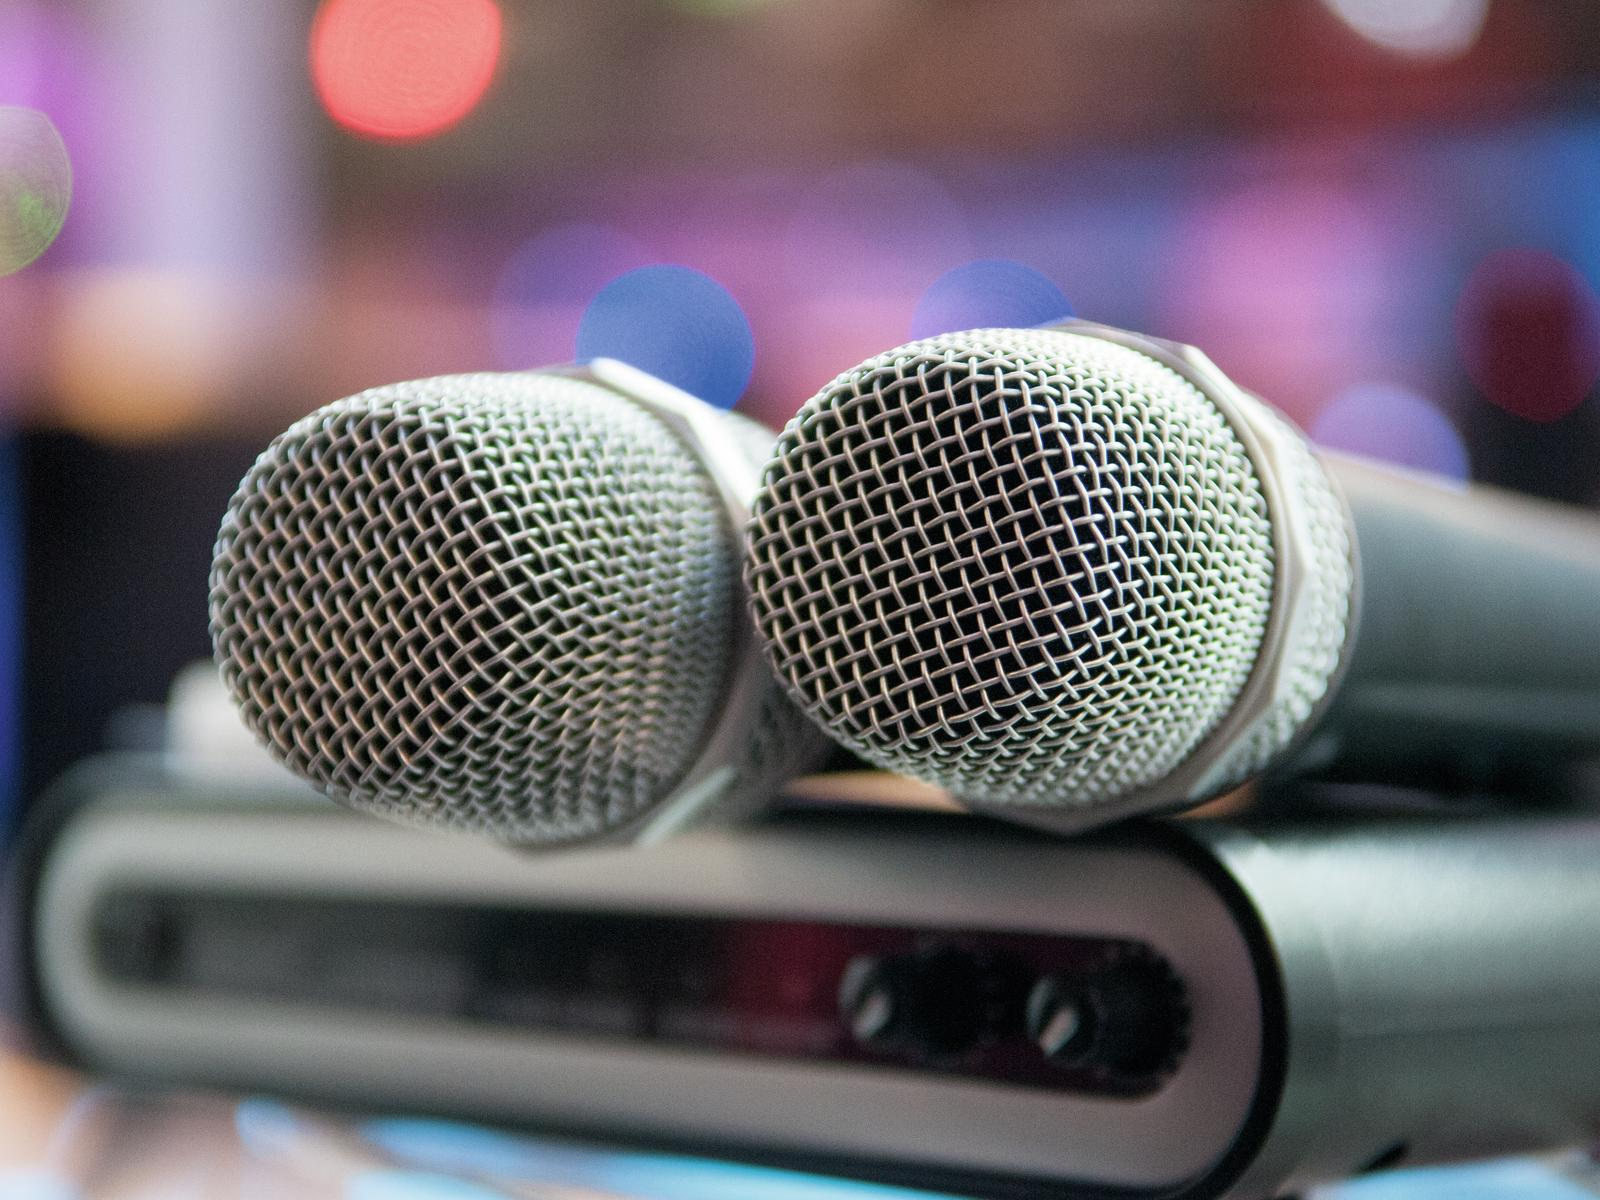 Set radiomicrofoni wireless se